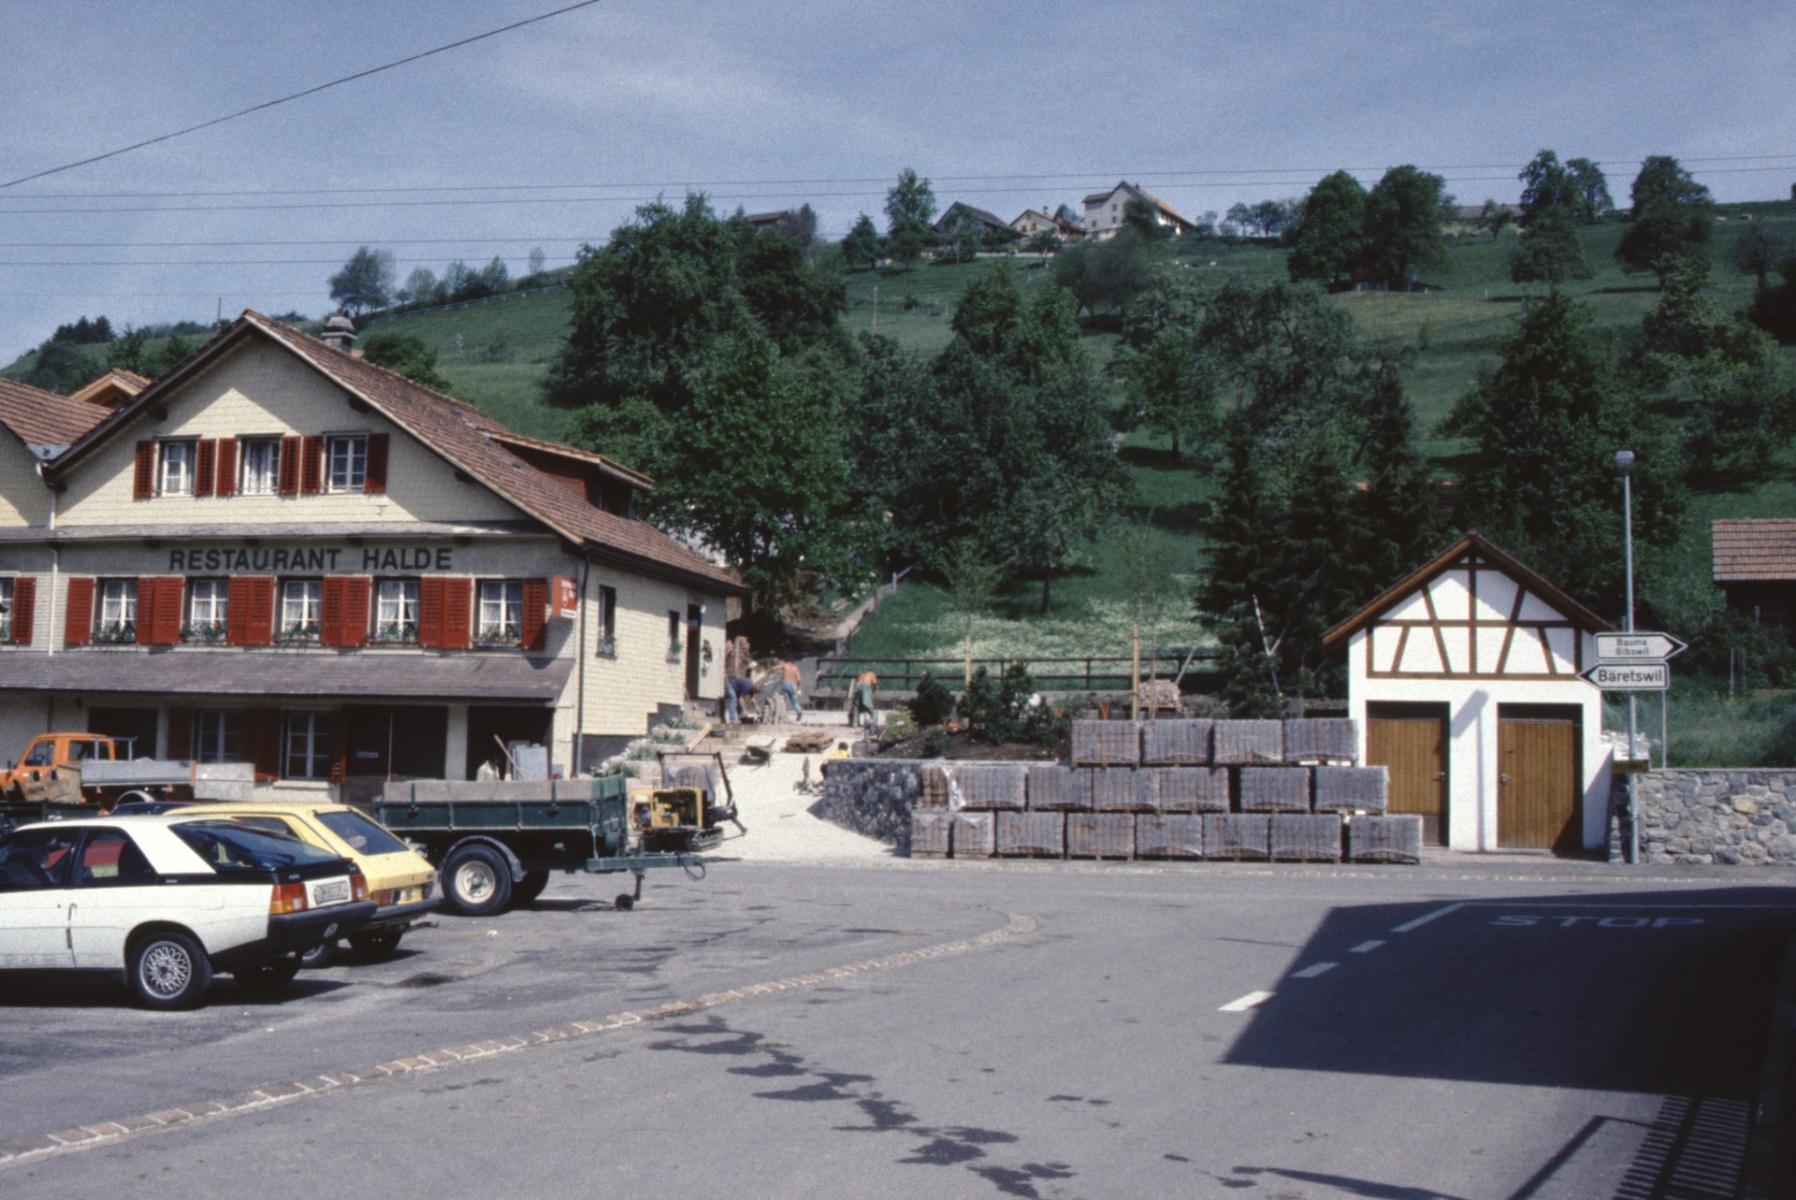 Rest. 'Halde', Allenberg